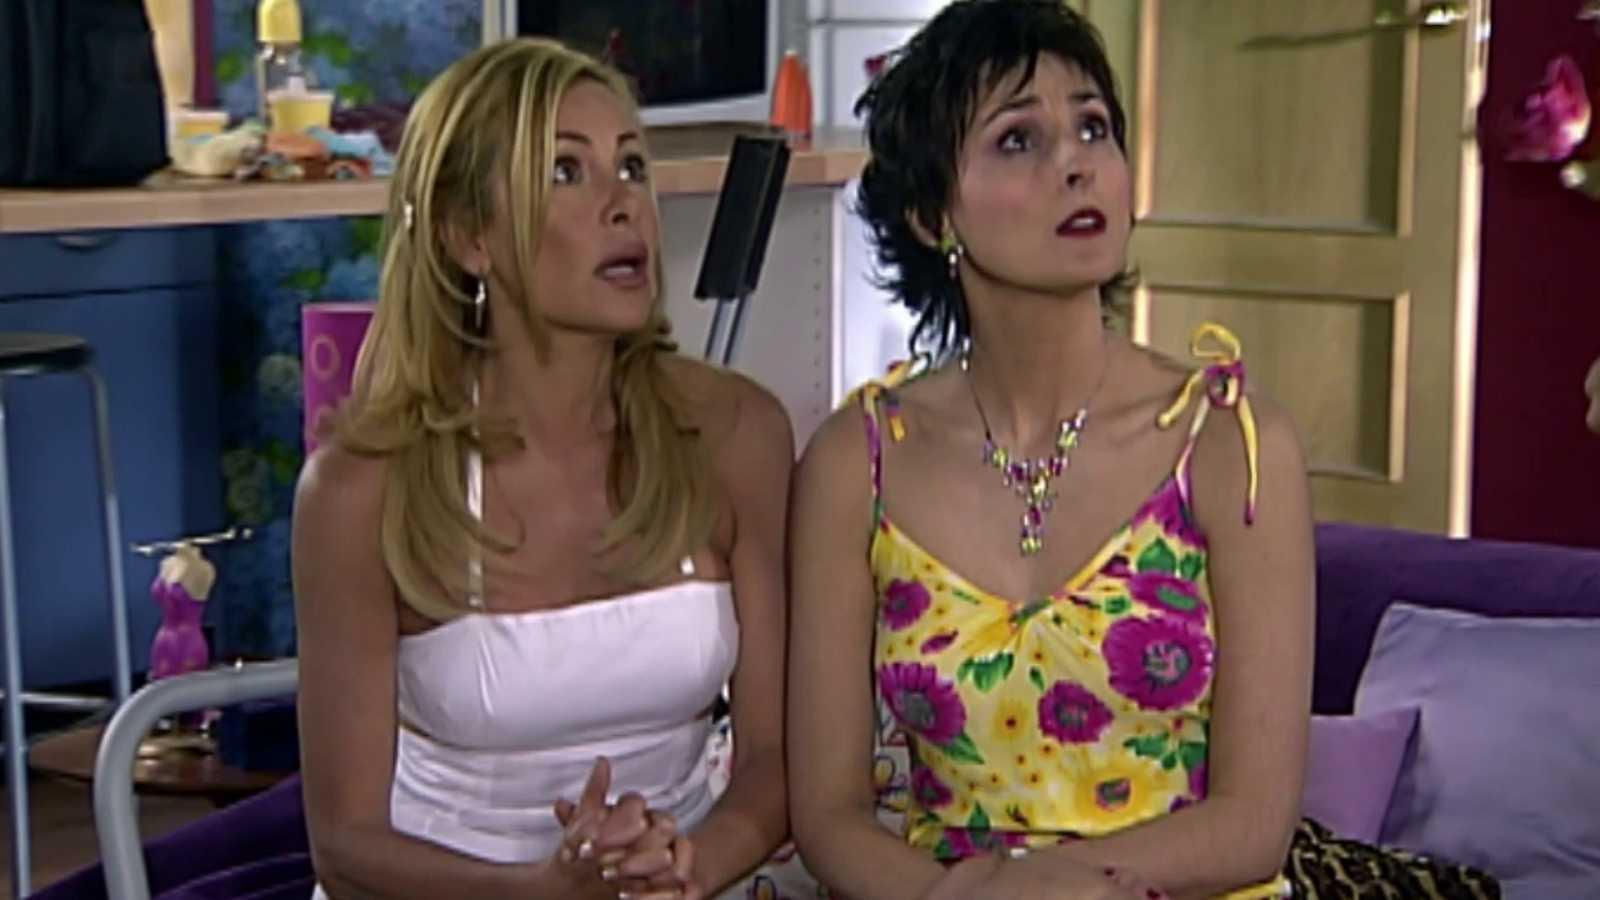 Ana y los siete - Episodio 88 - Un paso más - ver vídeo